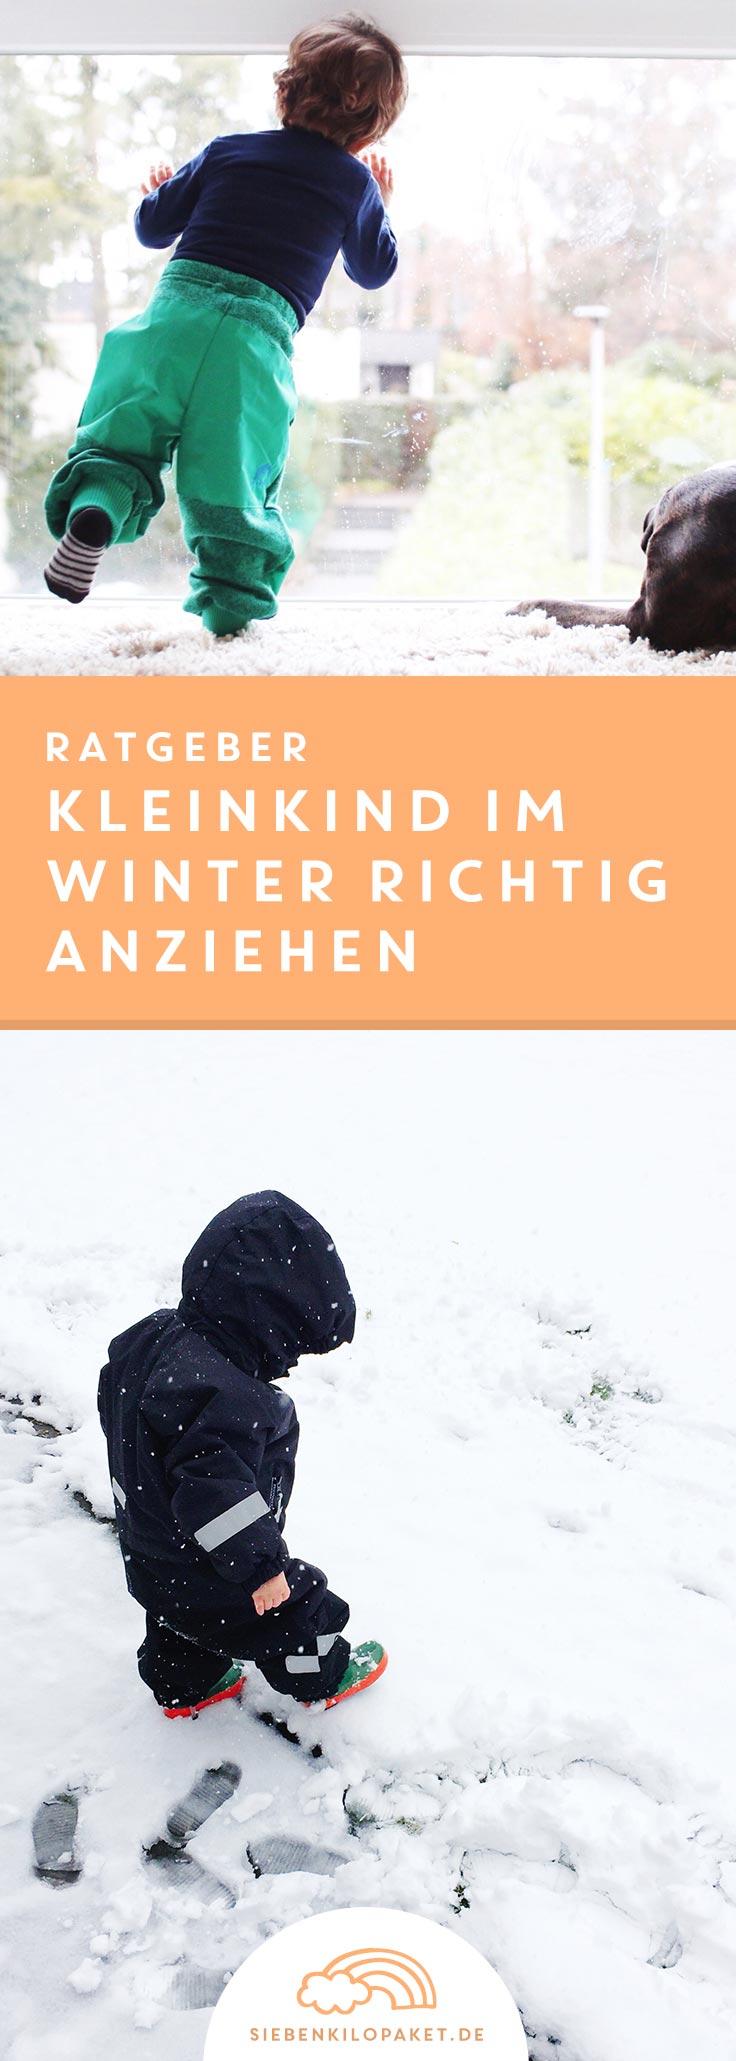 Ratgeber Kleinkind im Winter richtig anziehen